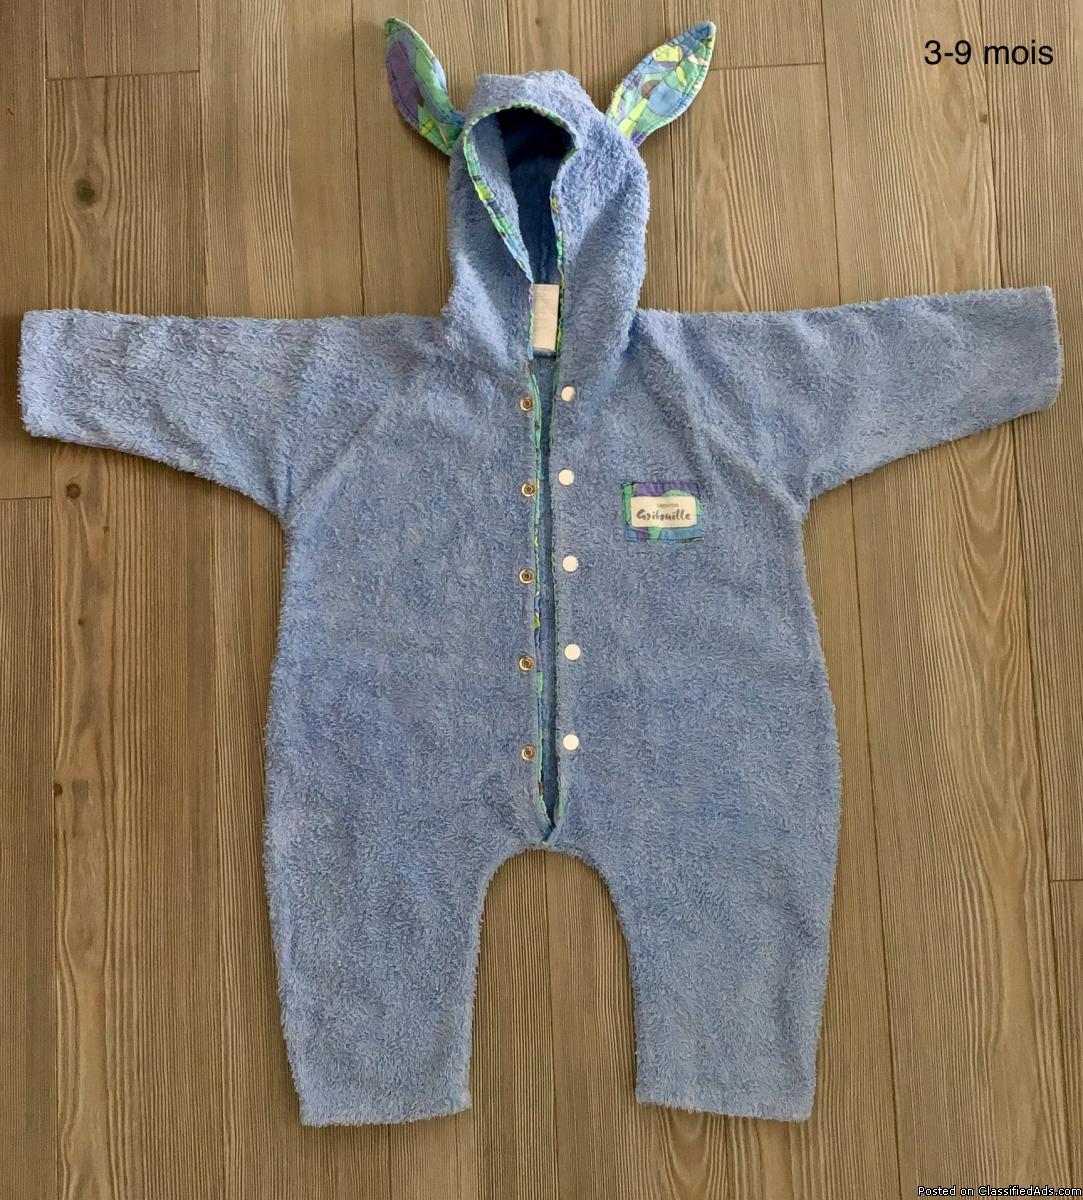 Vêtement pour bébé garçon 6 -12 mois. Pyjama après le